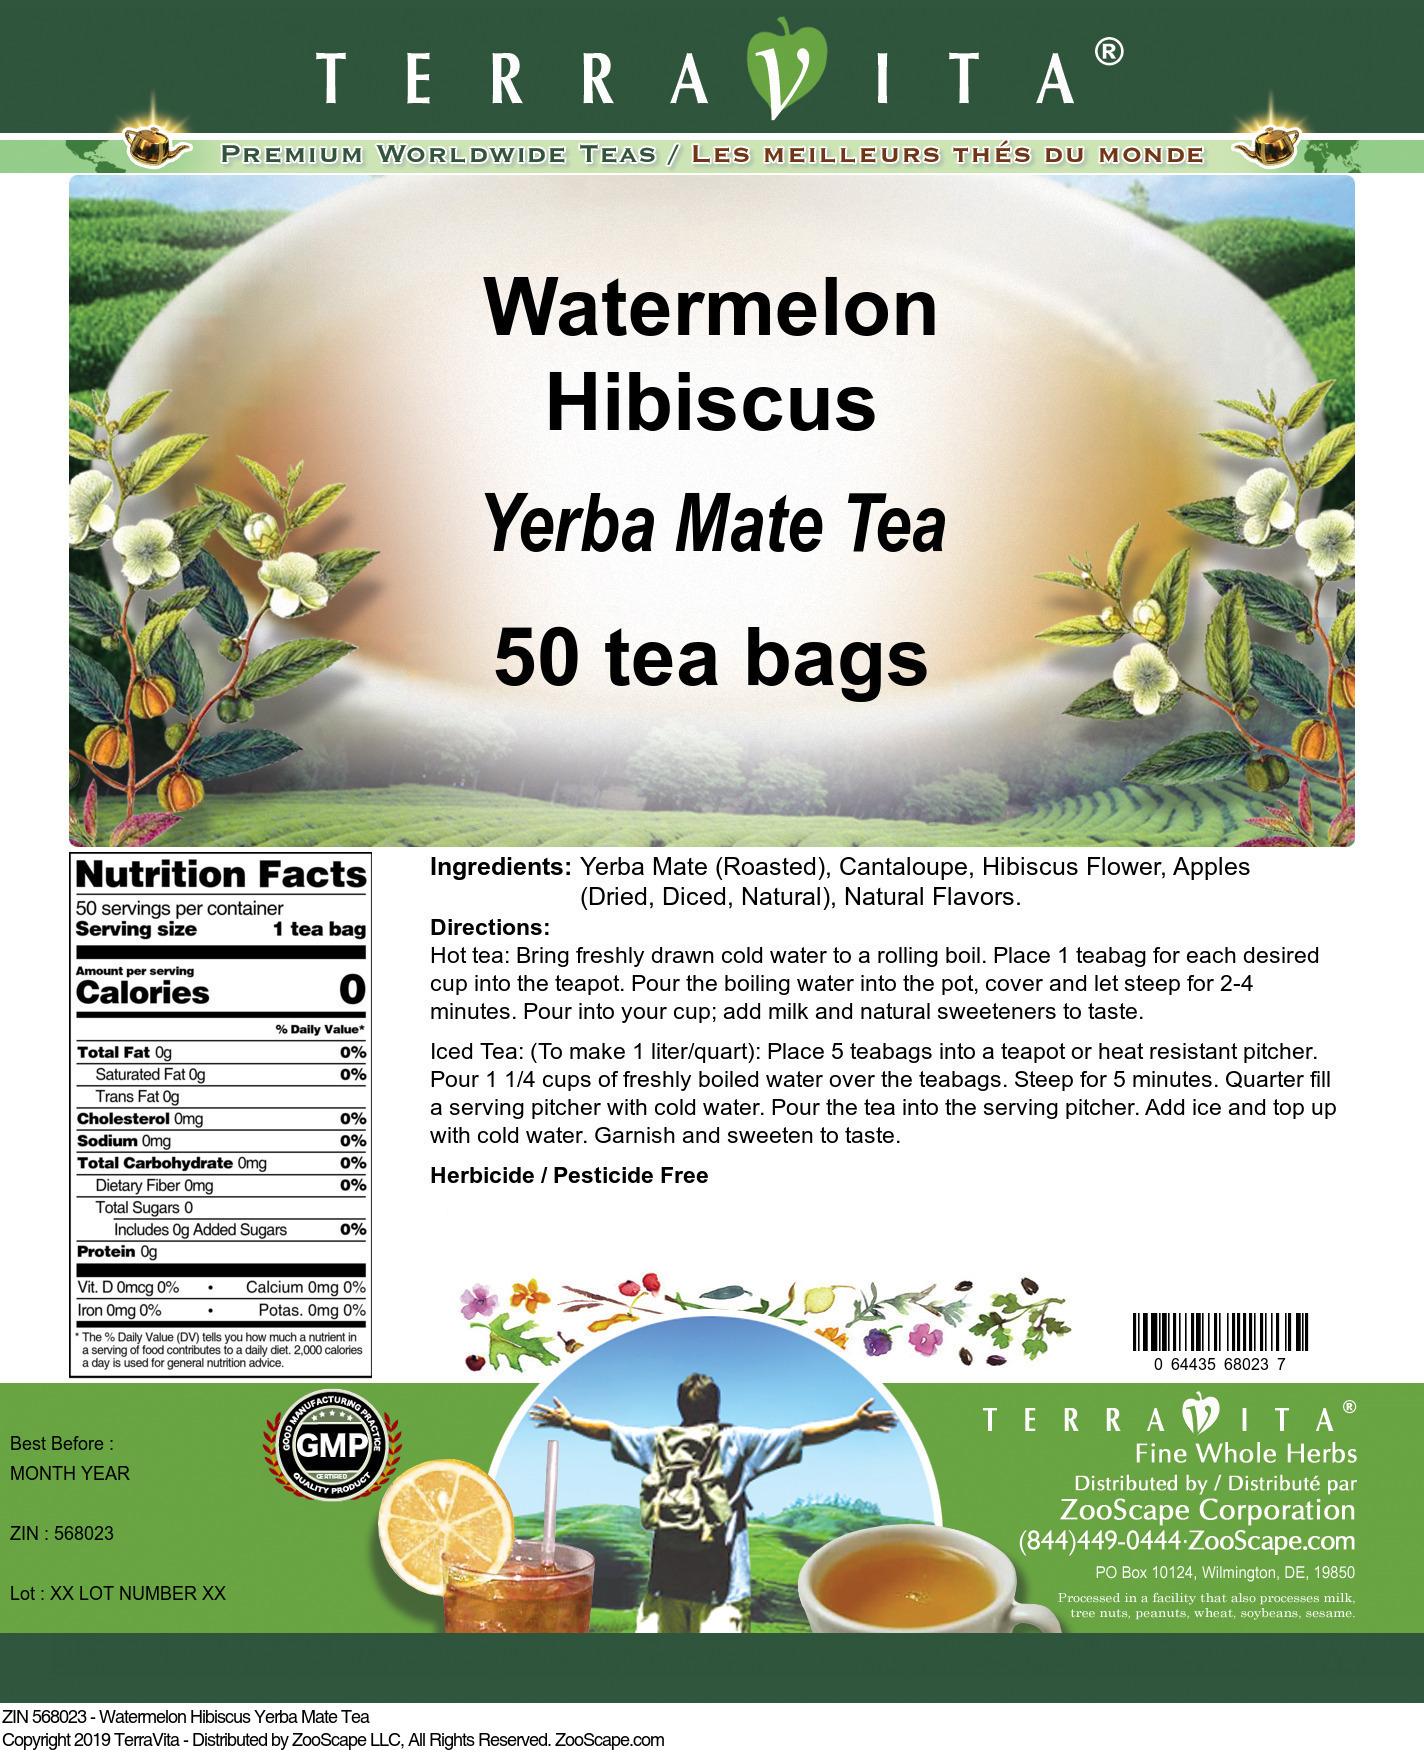 Watermelon Hibiscus Yerba Mate